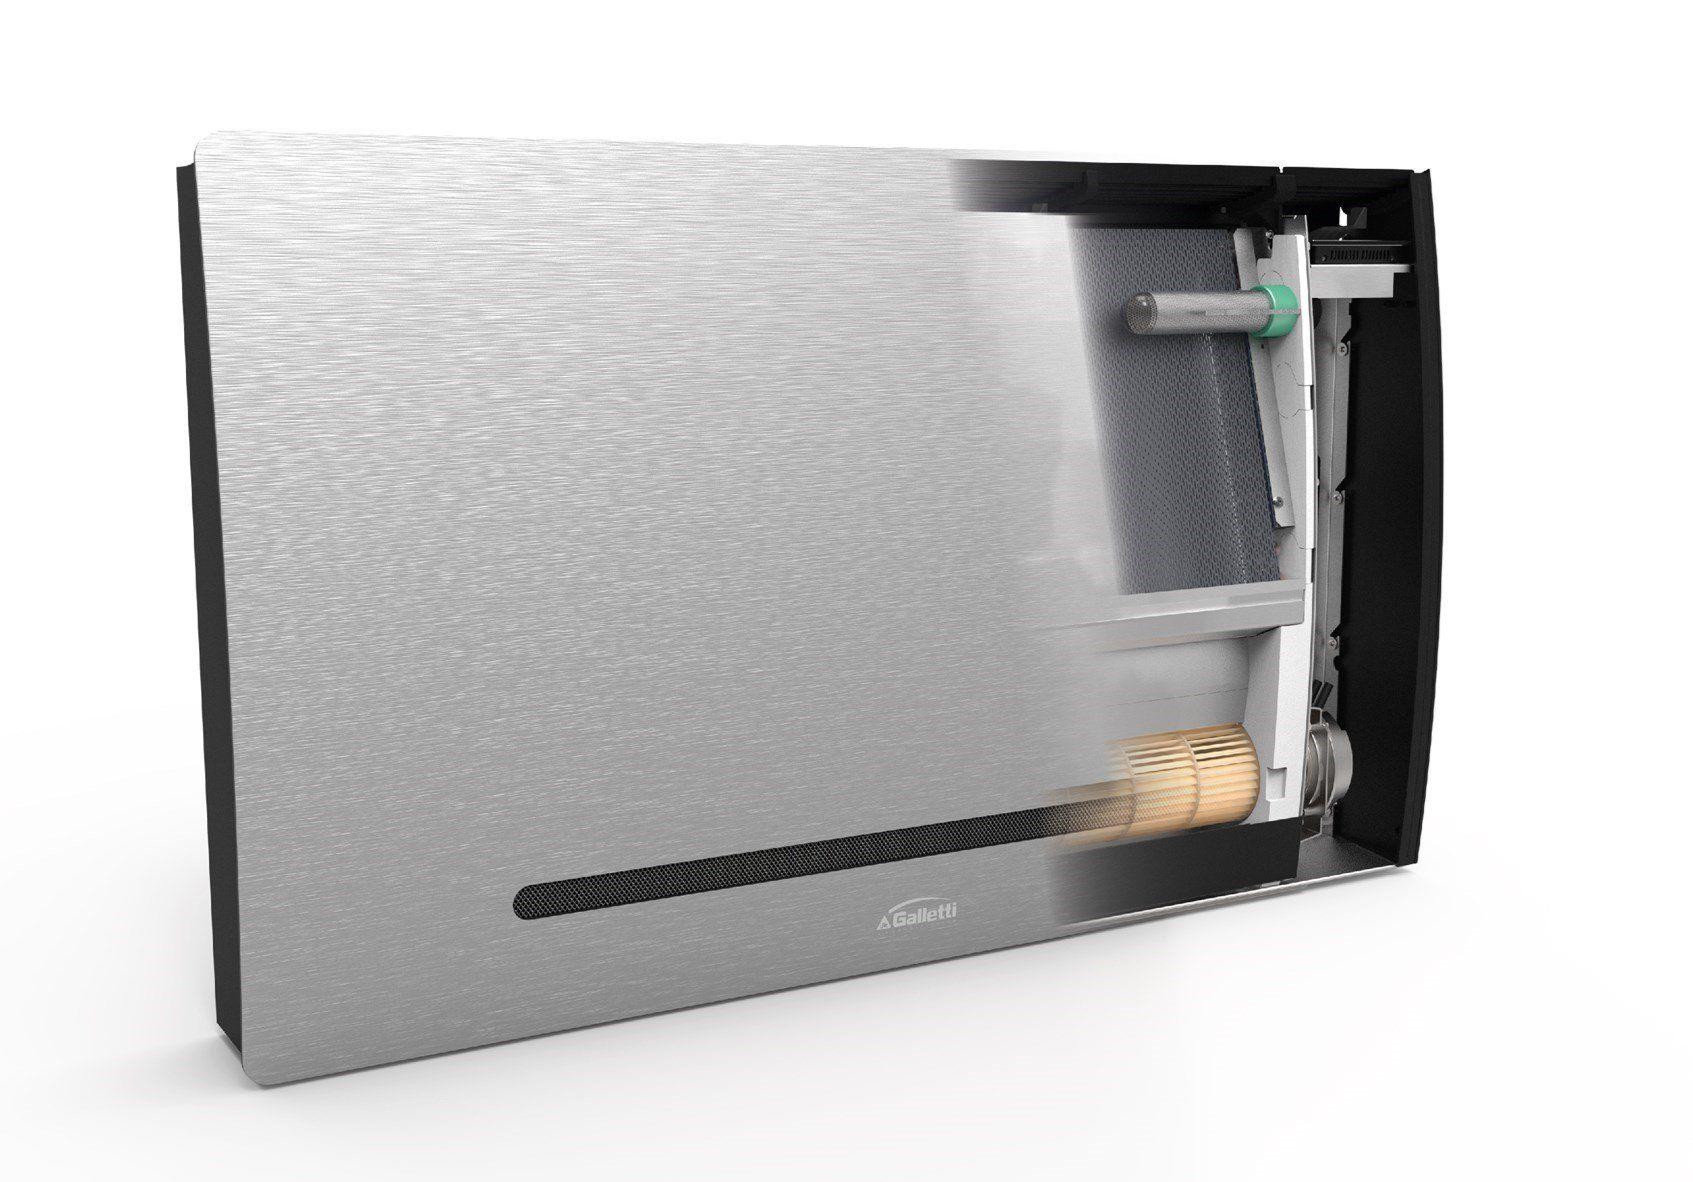 Galletti applica la Non Thermal Plasma Technology alla sua gamma di terminali idronici